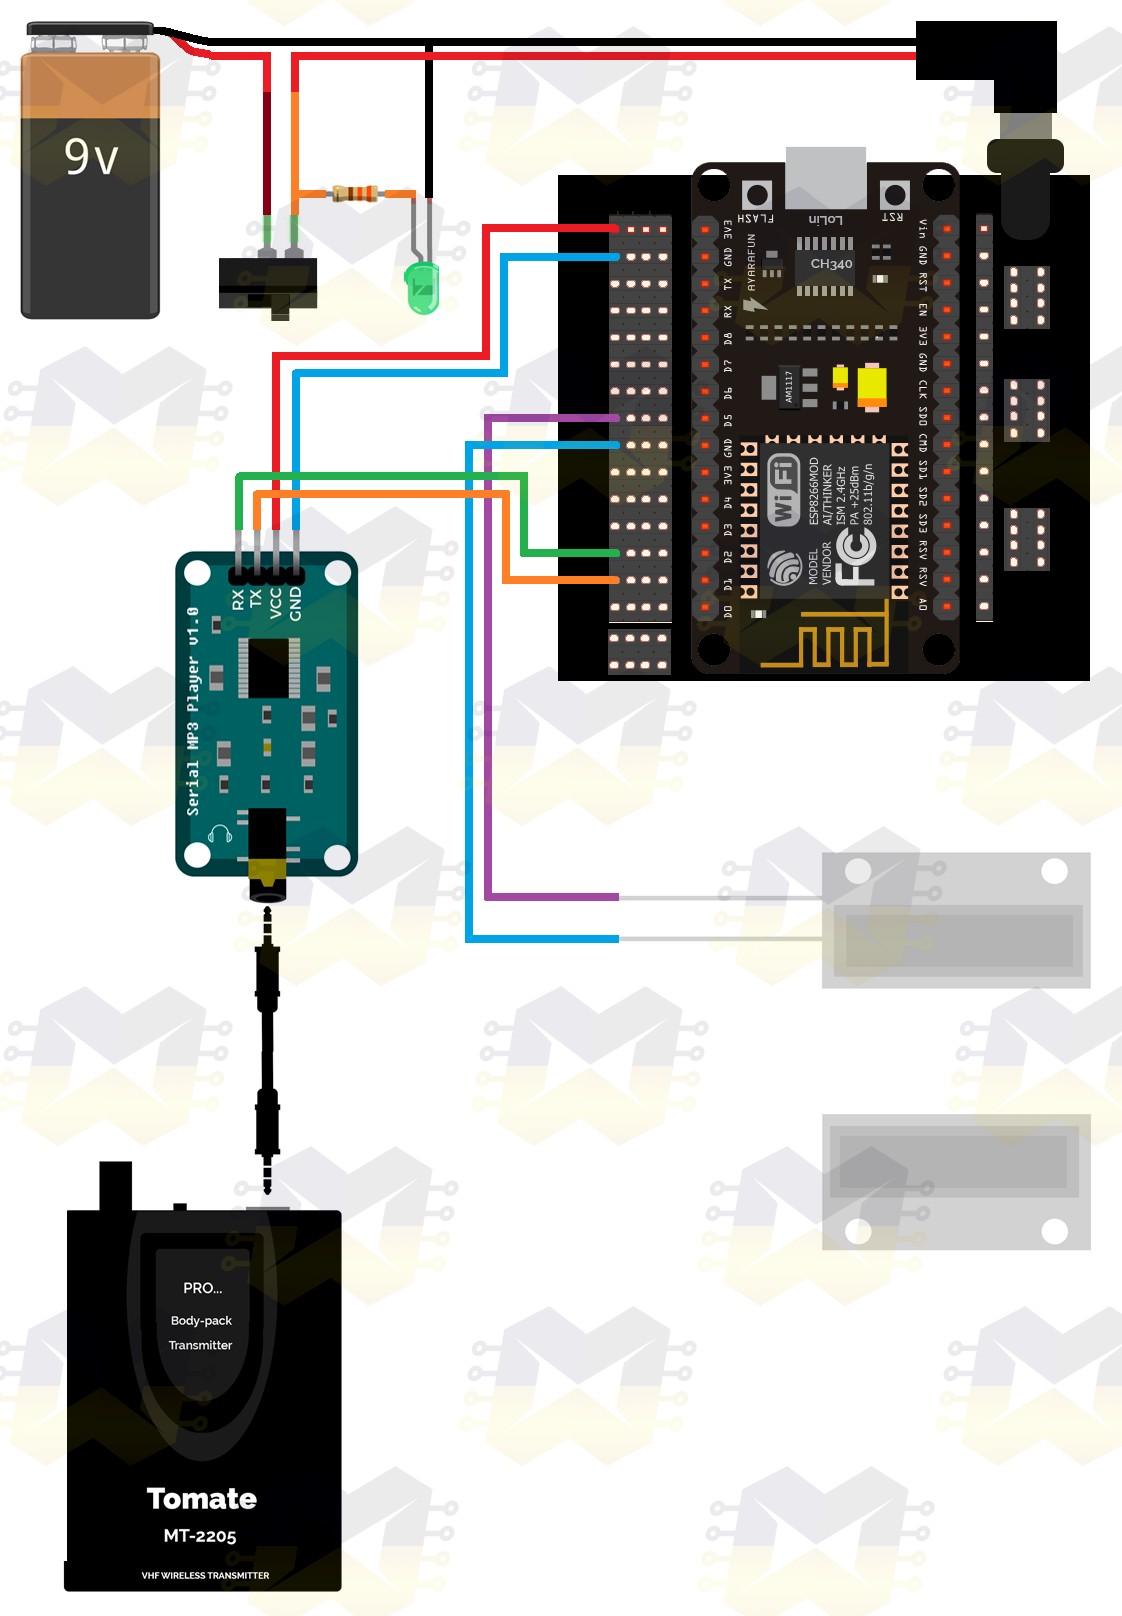 img02_jarvis_porta_monitorada_com_nodemcu_wifi_esp82666_e_sensor_magnético_mc-38_arduino_automacao_residencial_sem_fio